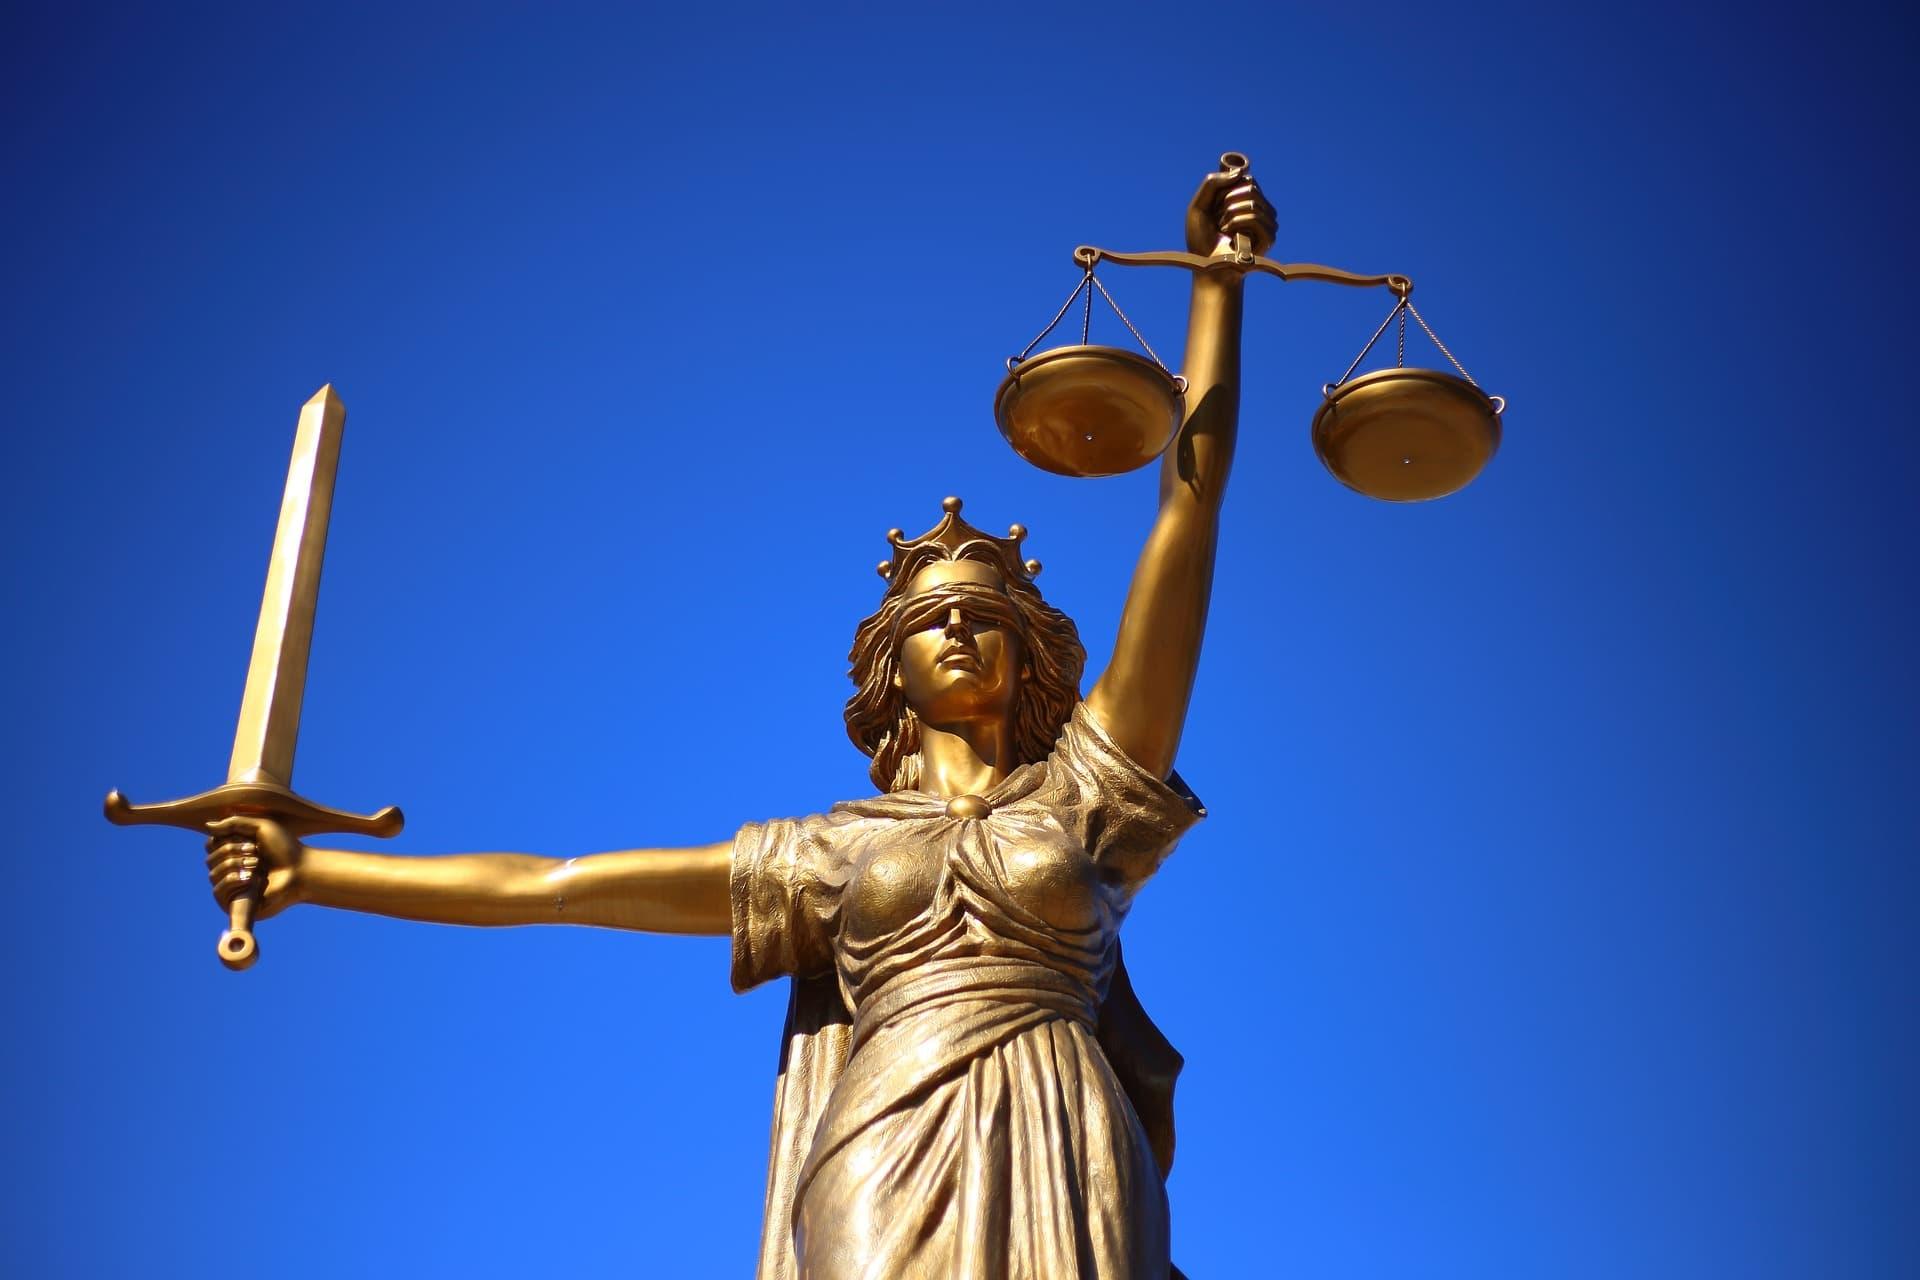 צדק מאחה וצדק עונשי: שתי פנים למשפט הפלילי/ טלי גל והדר דנציג-רוזנברג